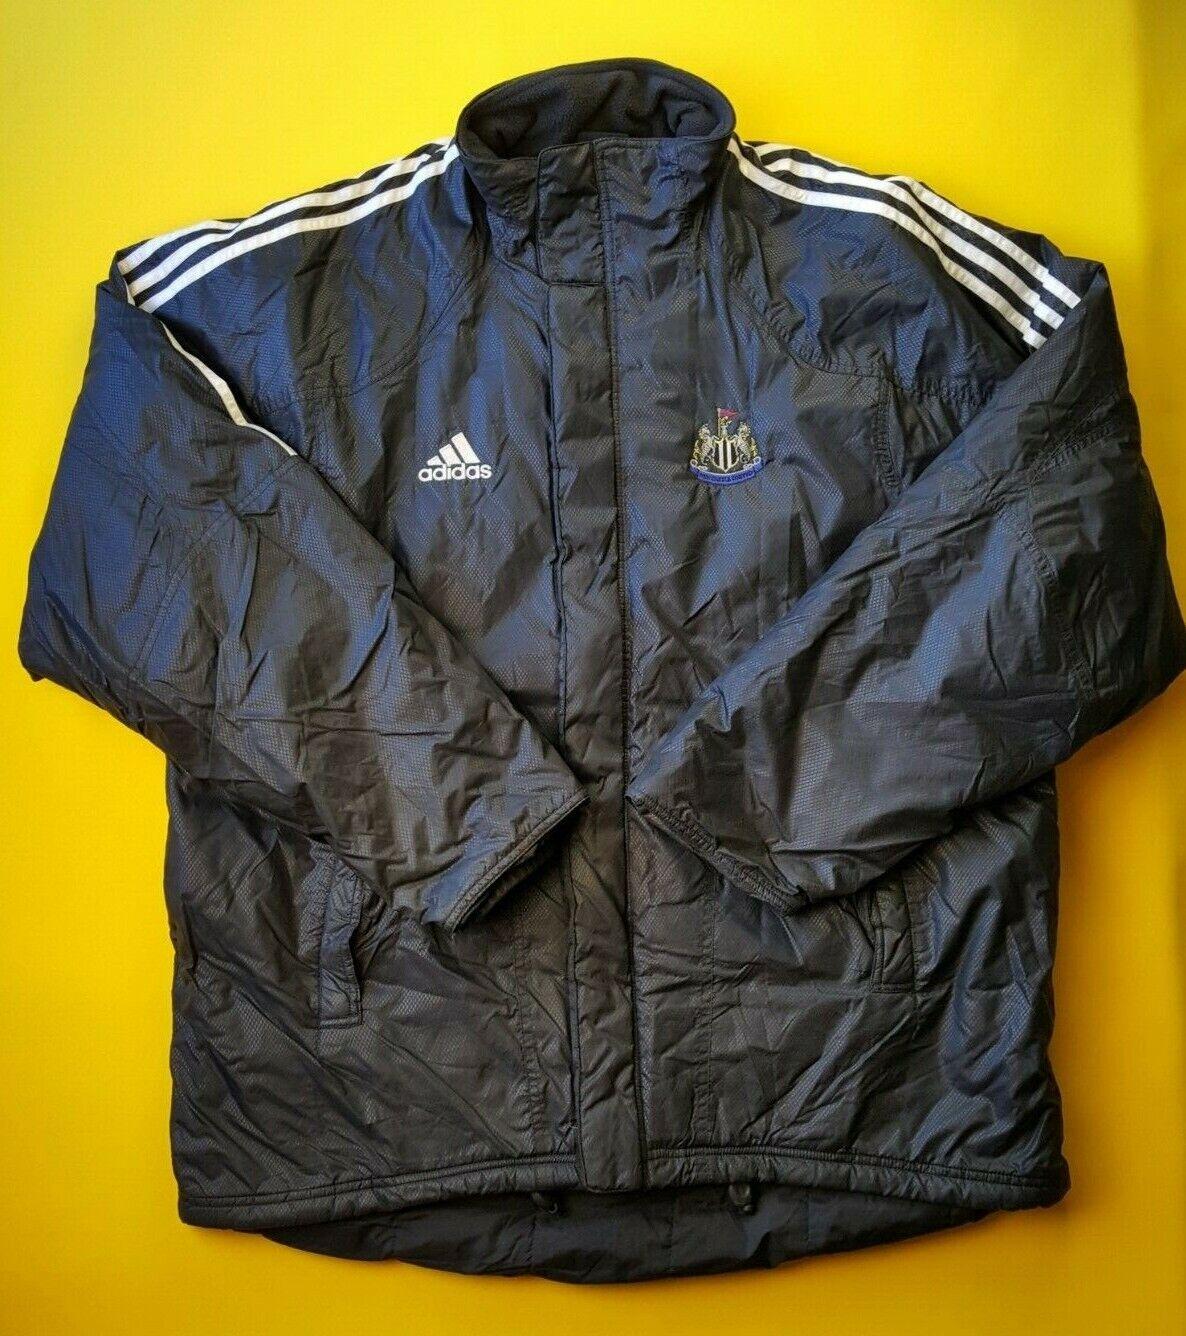 4.8 5 Newcastle United De Colección Retro Chaqueta Tamaño Grande Adidas Fútbol ig93